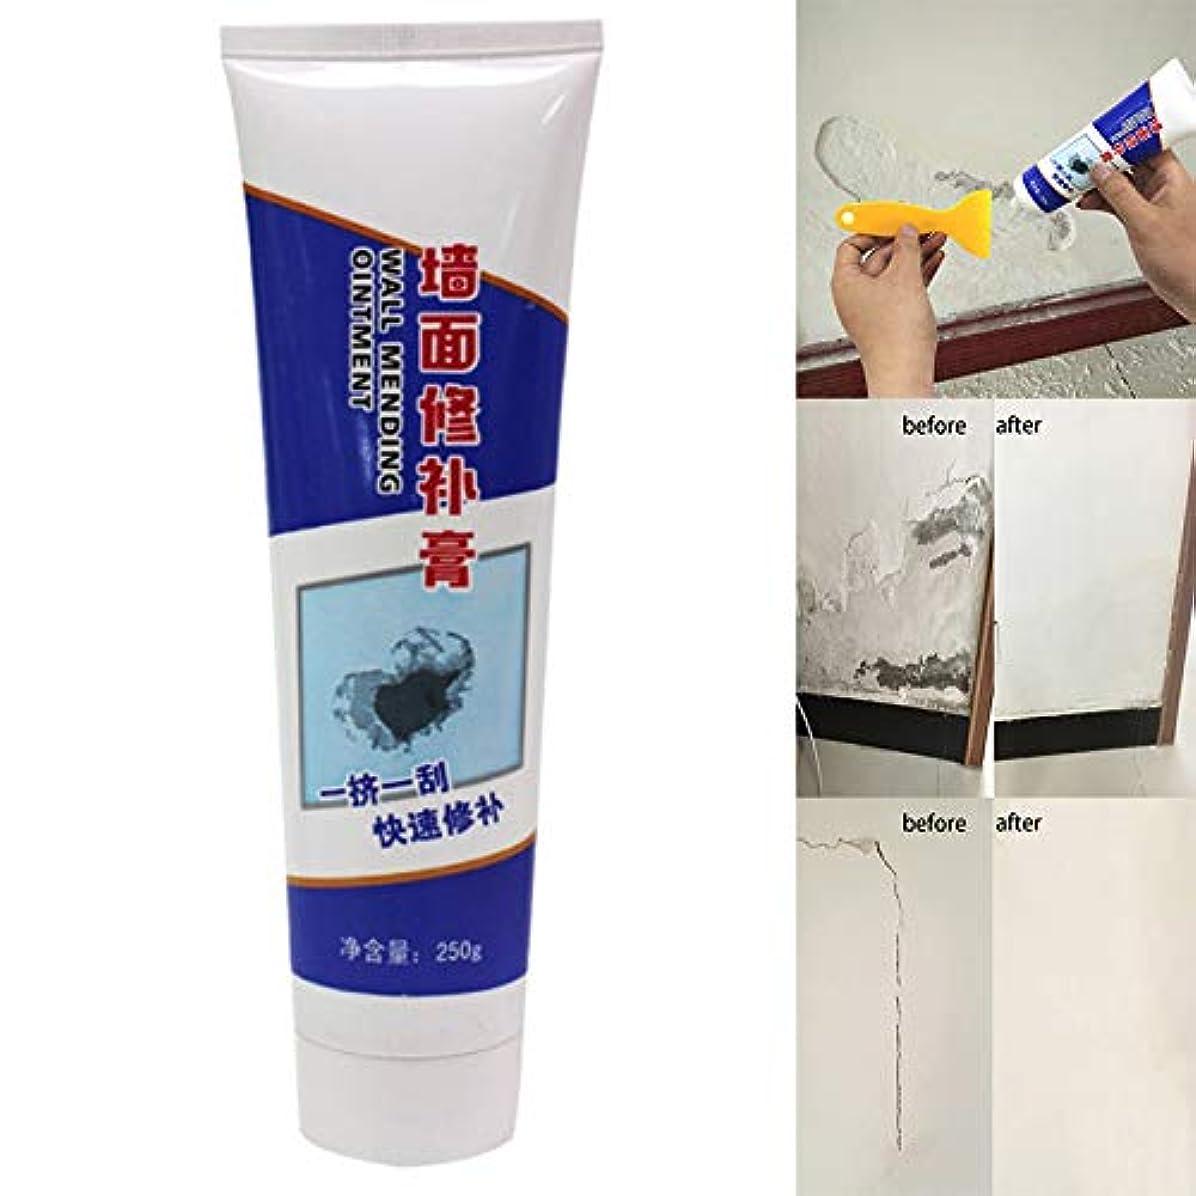 問い合わせ表示エスカレーターAylincool壁修理クリーム、壁亀裂修理クリーム、ラテックスペースト防水非腐食性ホルムアルデヒドペーストラテックス